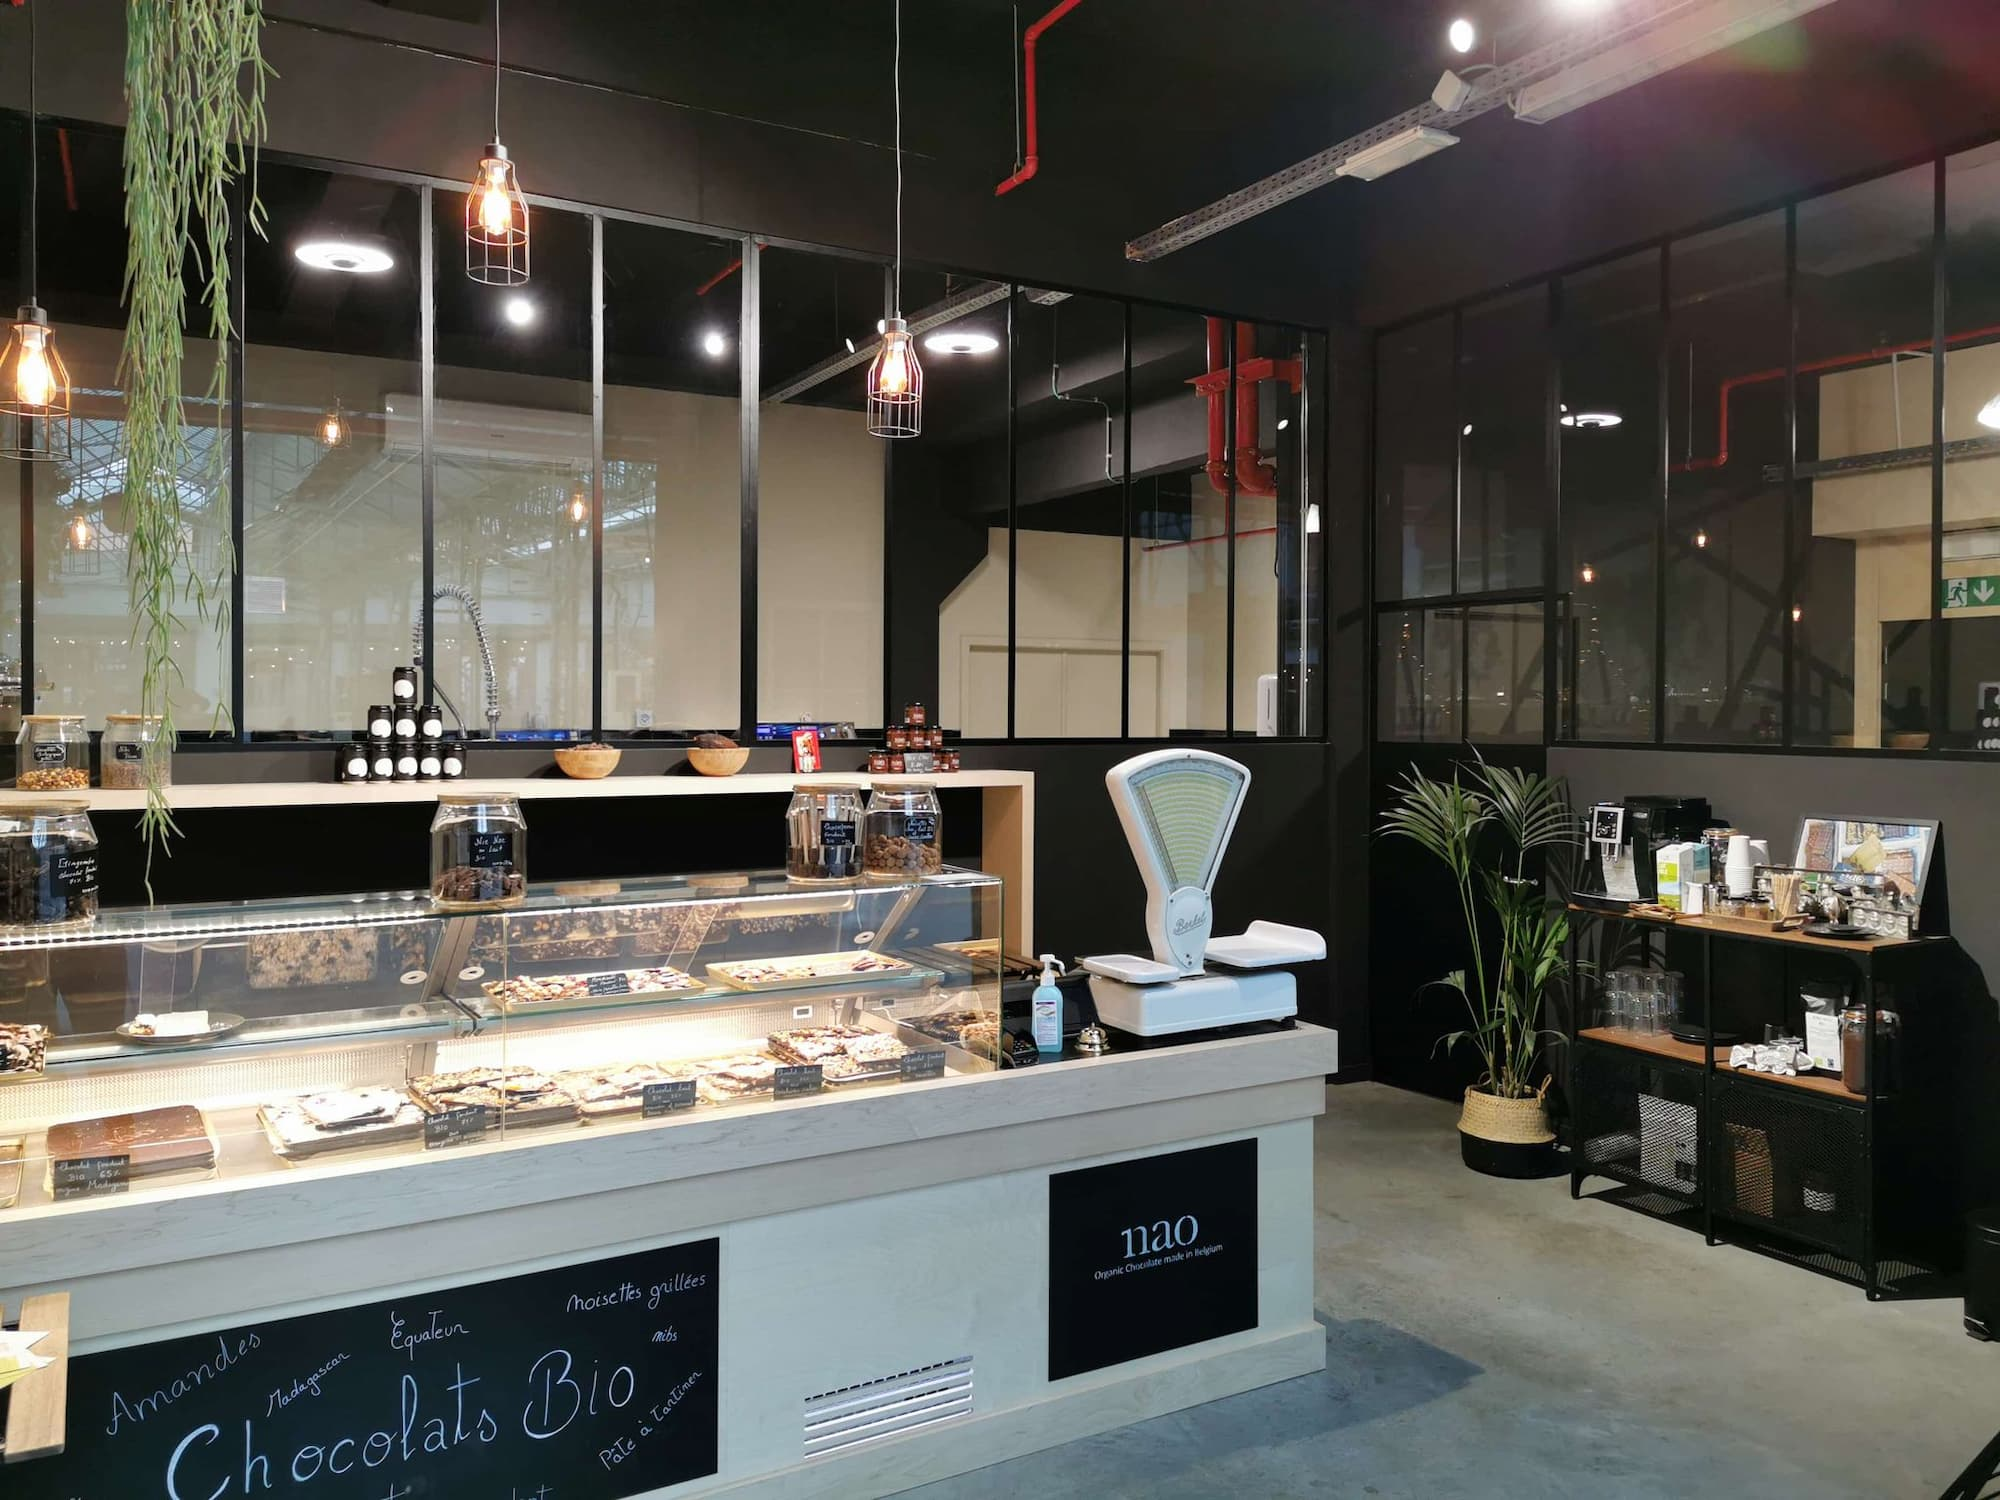 Chocoladewinkel van Nao gemaakt in België, bio en kwaliteitsvol